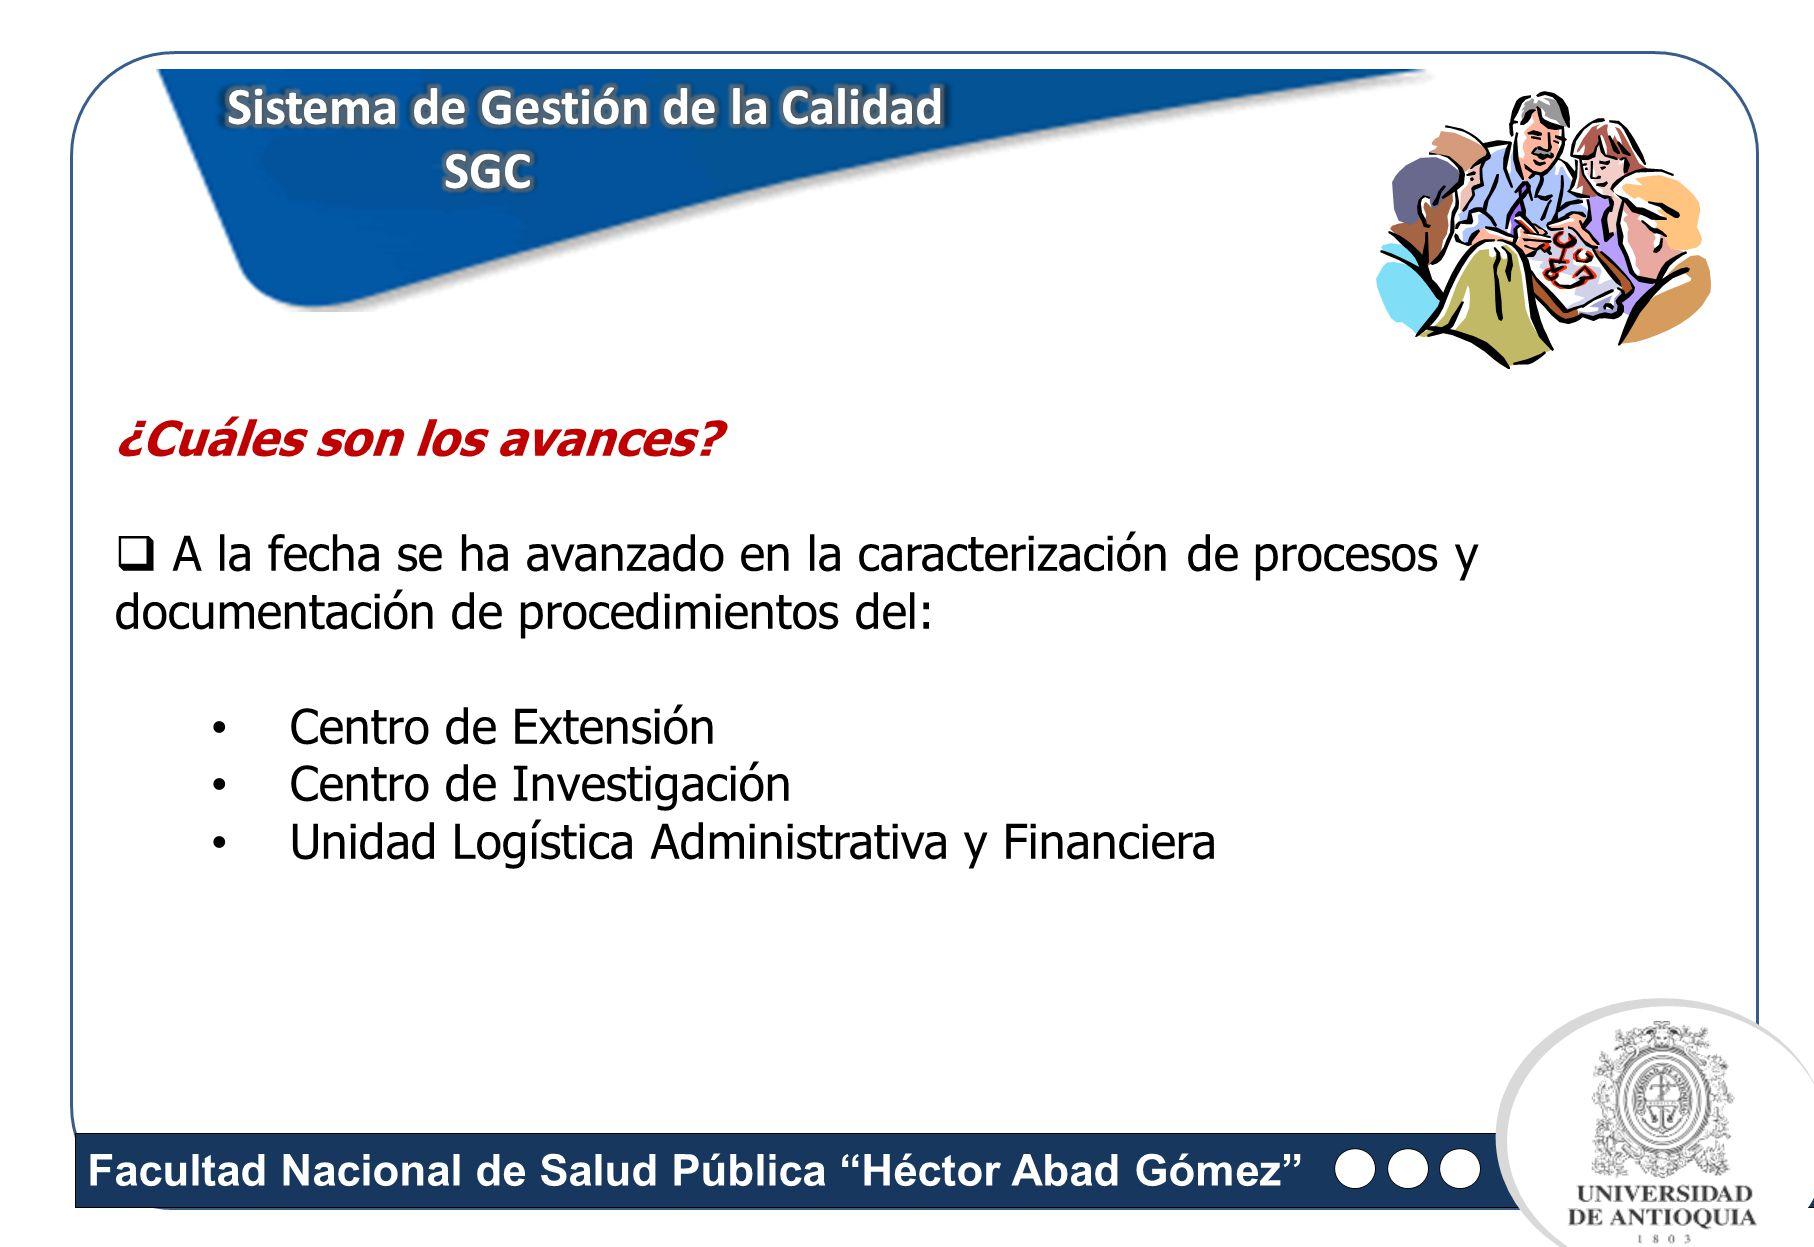 Facultad Nacional de Salud Pública Héctor Abad Gómez Sistema de Gestión de la Calidad SGC SGC ¿Cuáles son los avances? A la fecha se ha avanzado en la